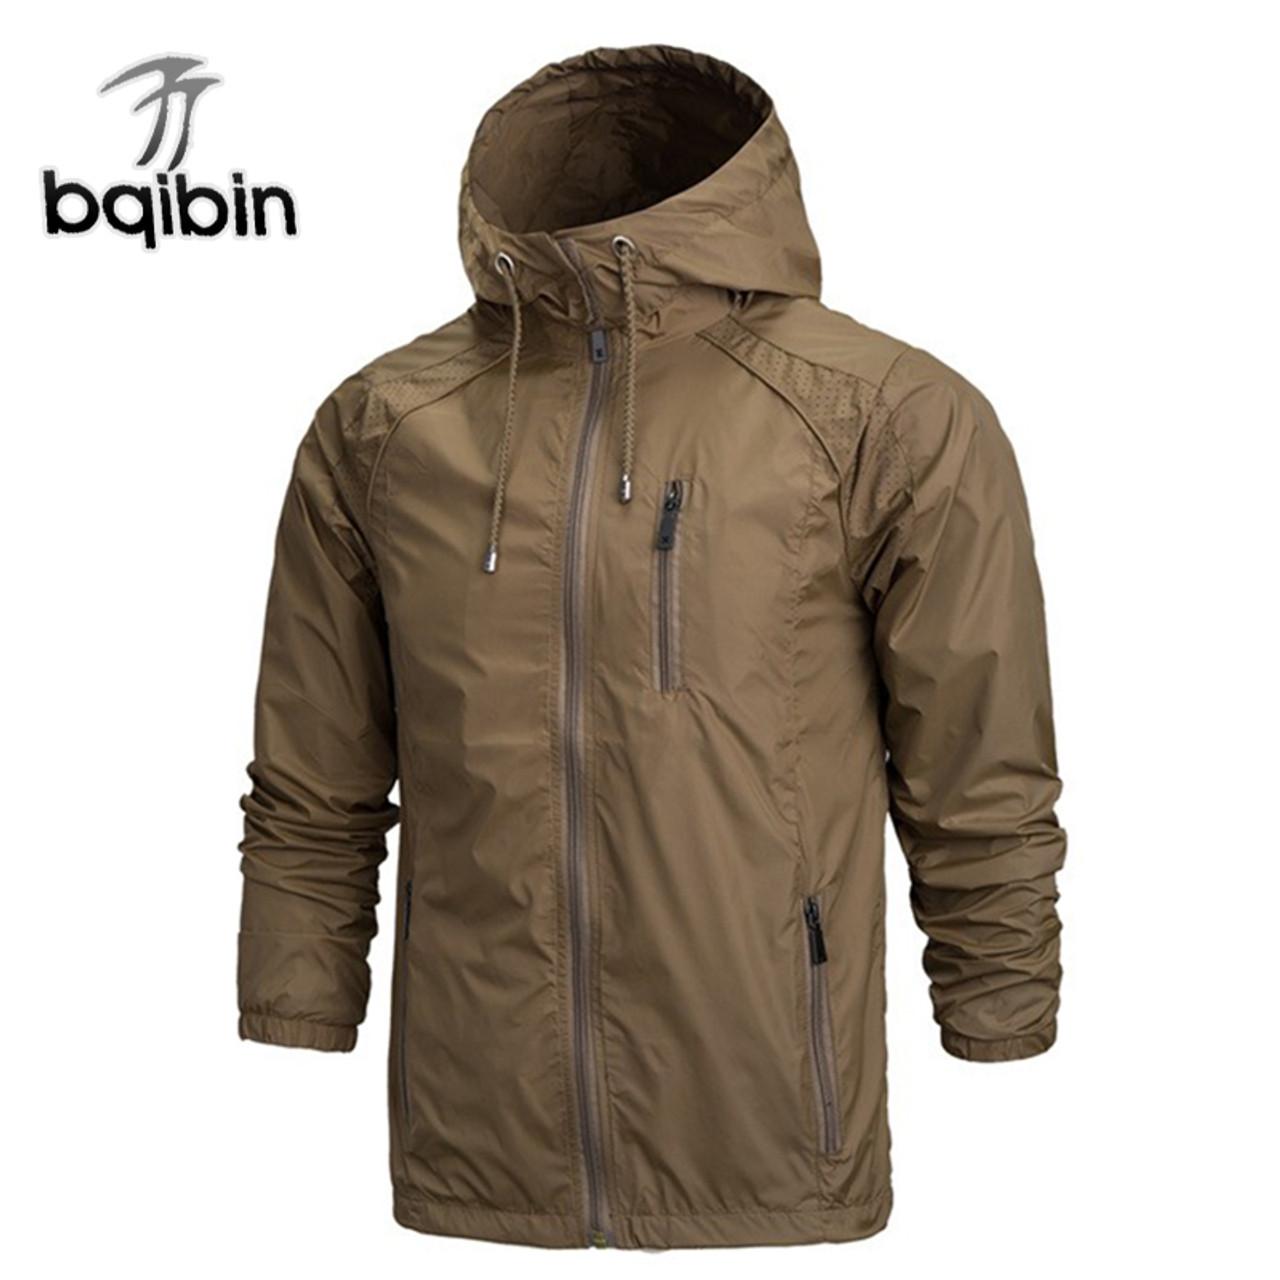 2018 Spring New Fashion Jacket Men Windbreaker Waterproof Jackets